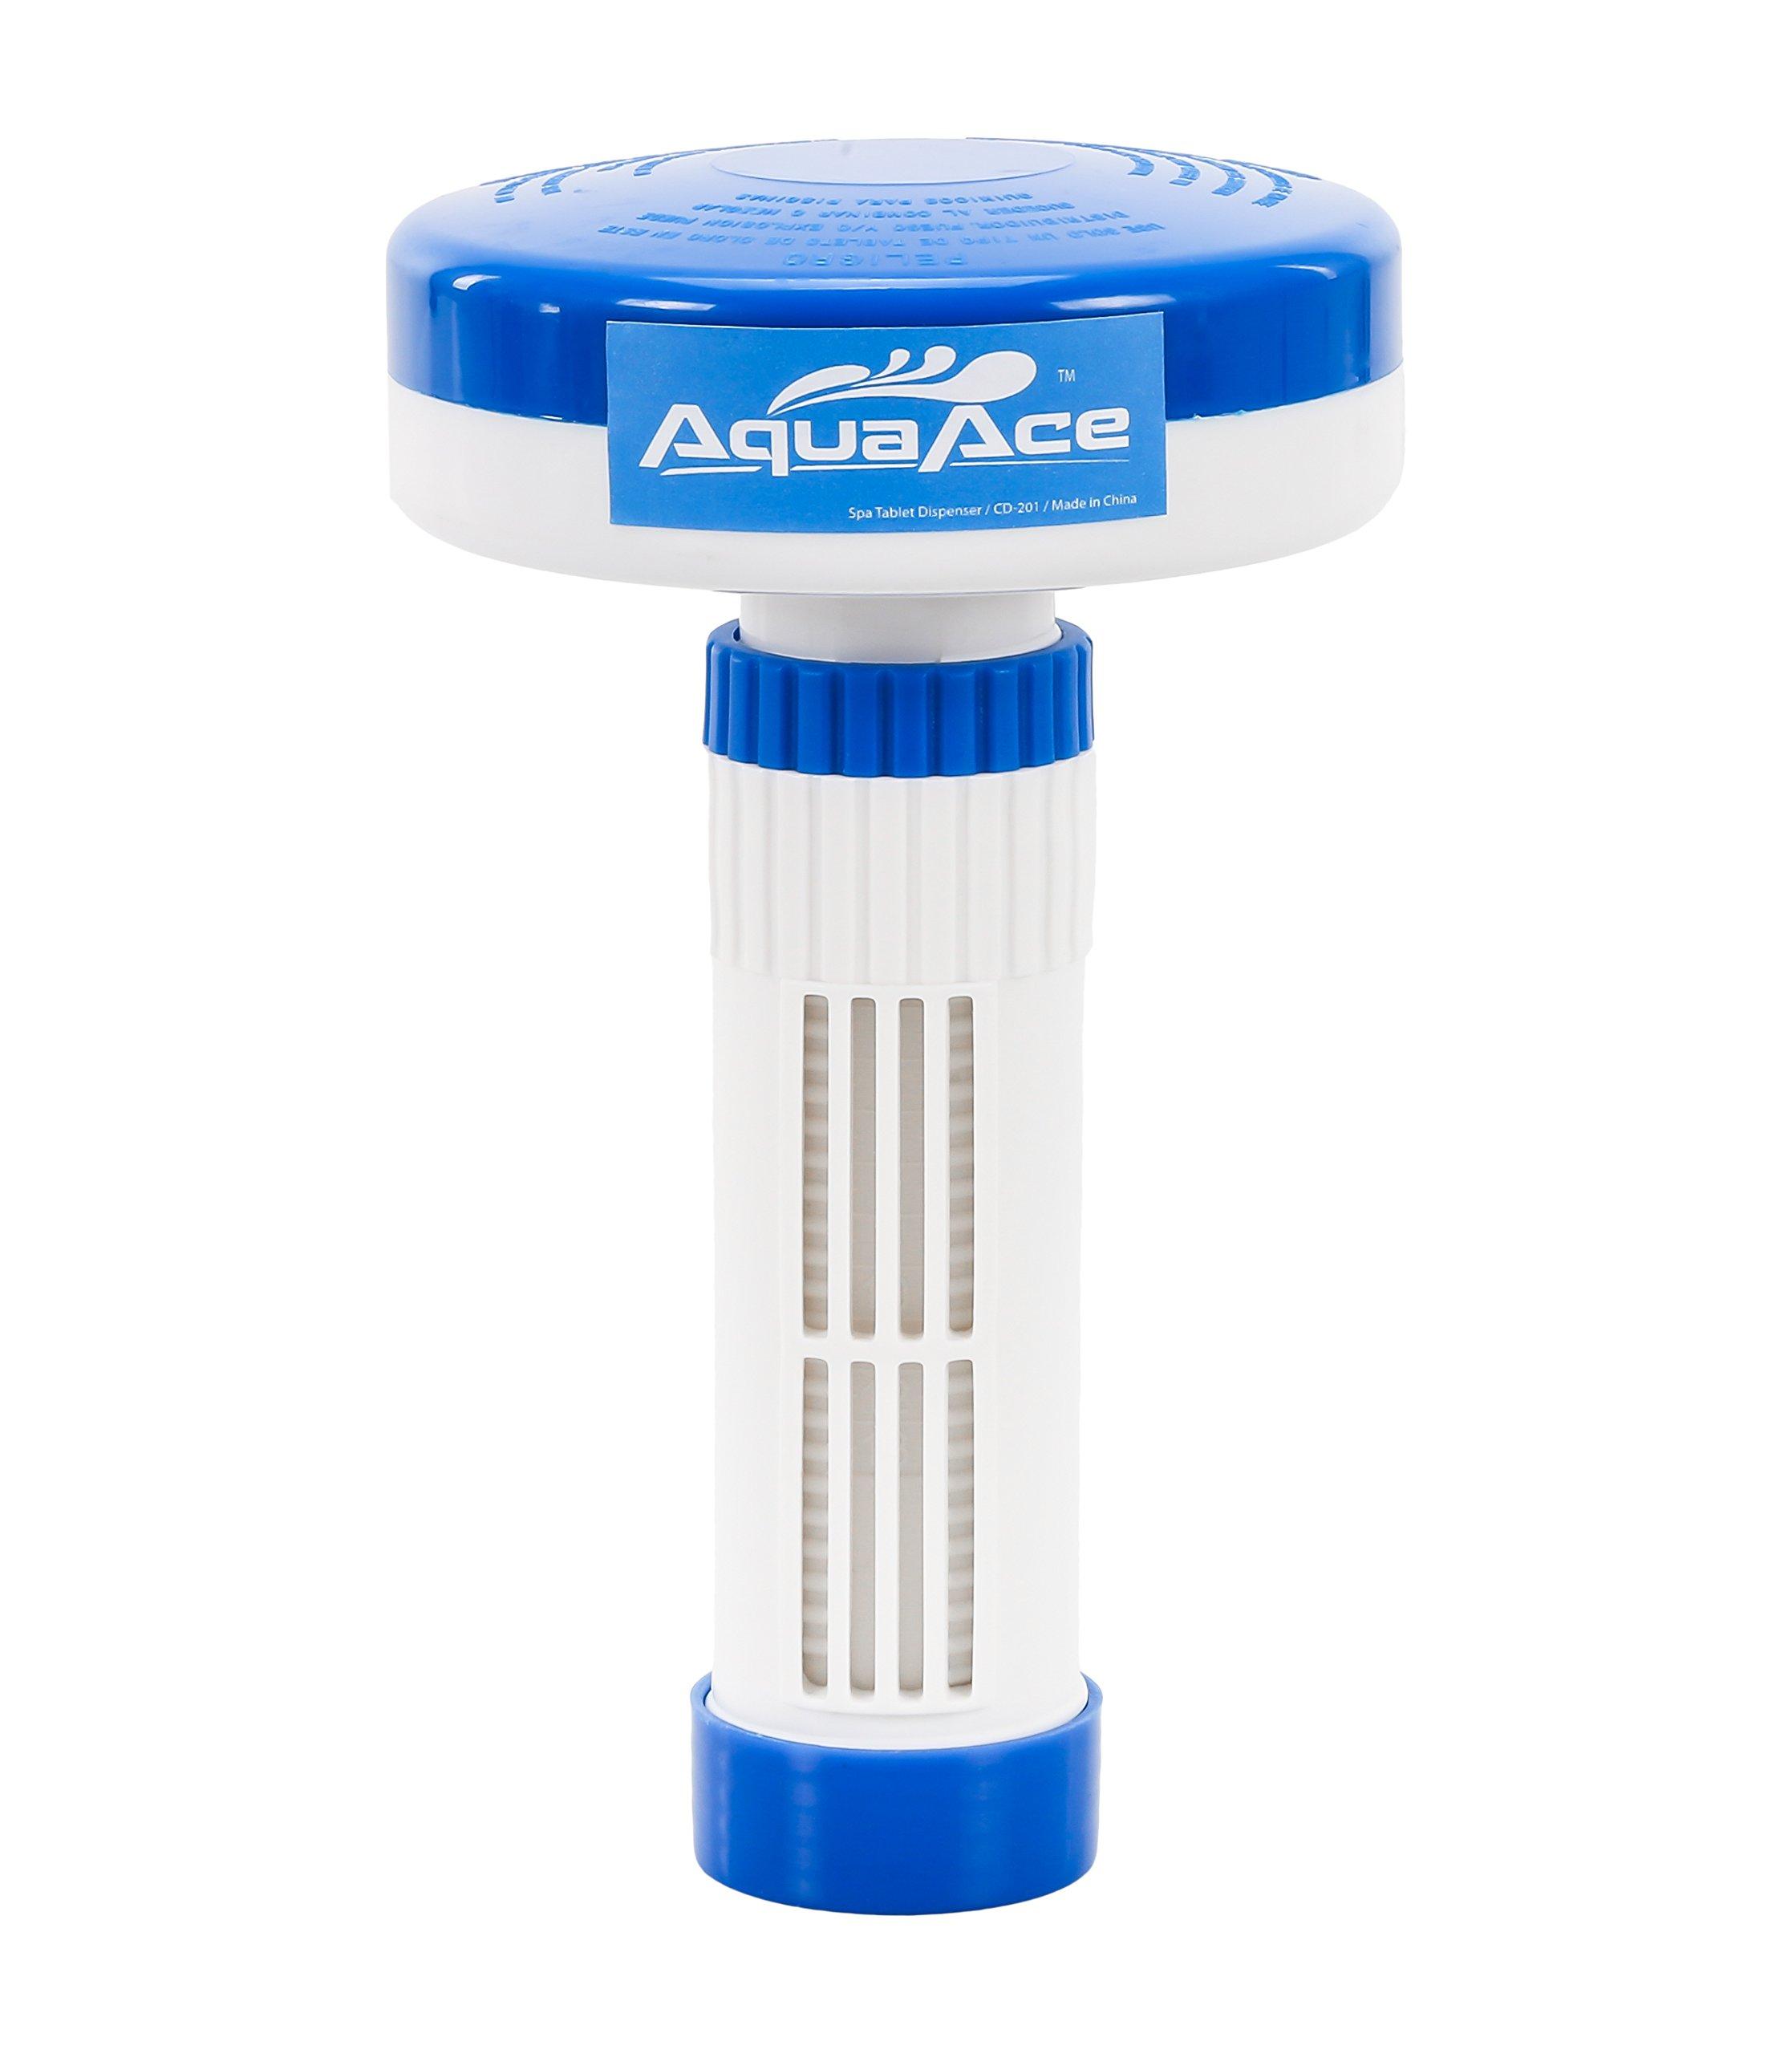 AquaAce Floating Dispenser Chlorine Adjustable